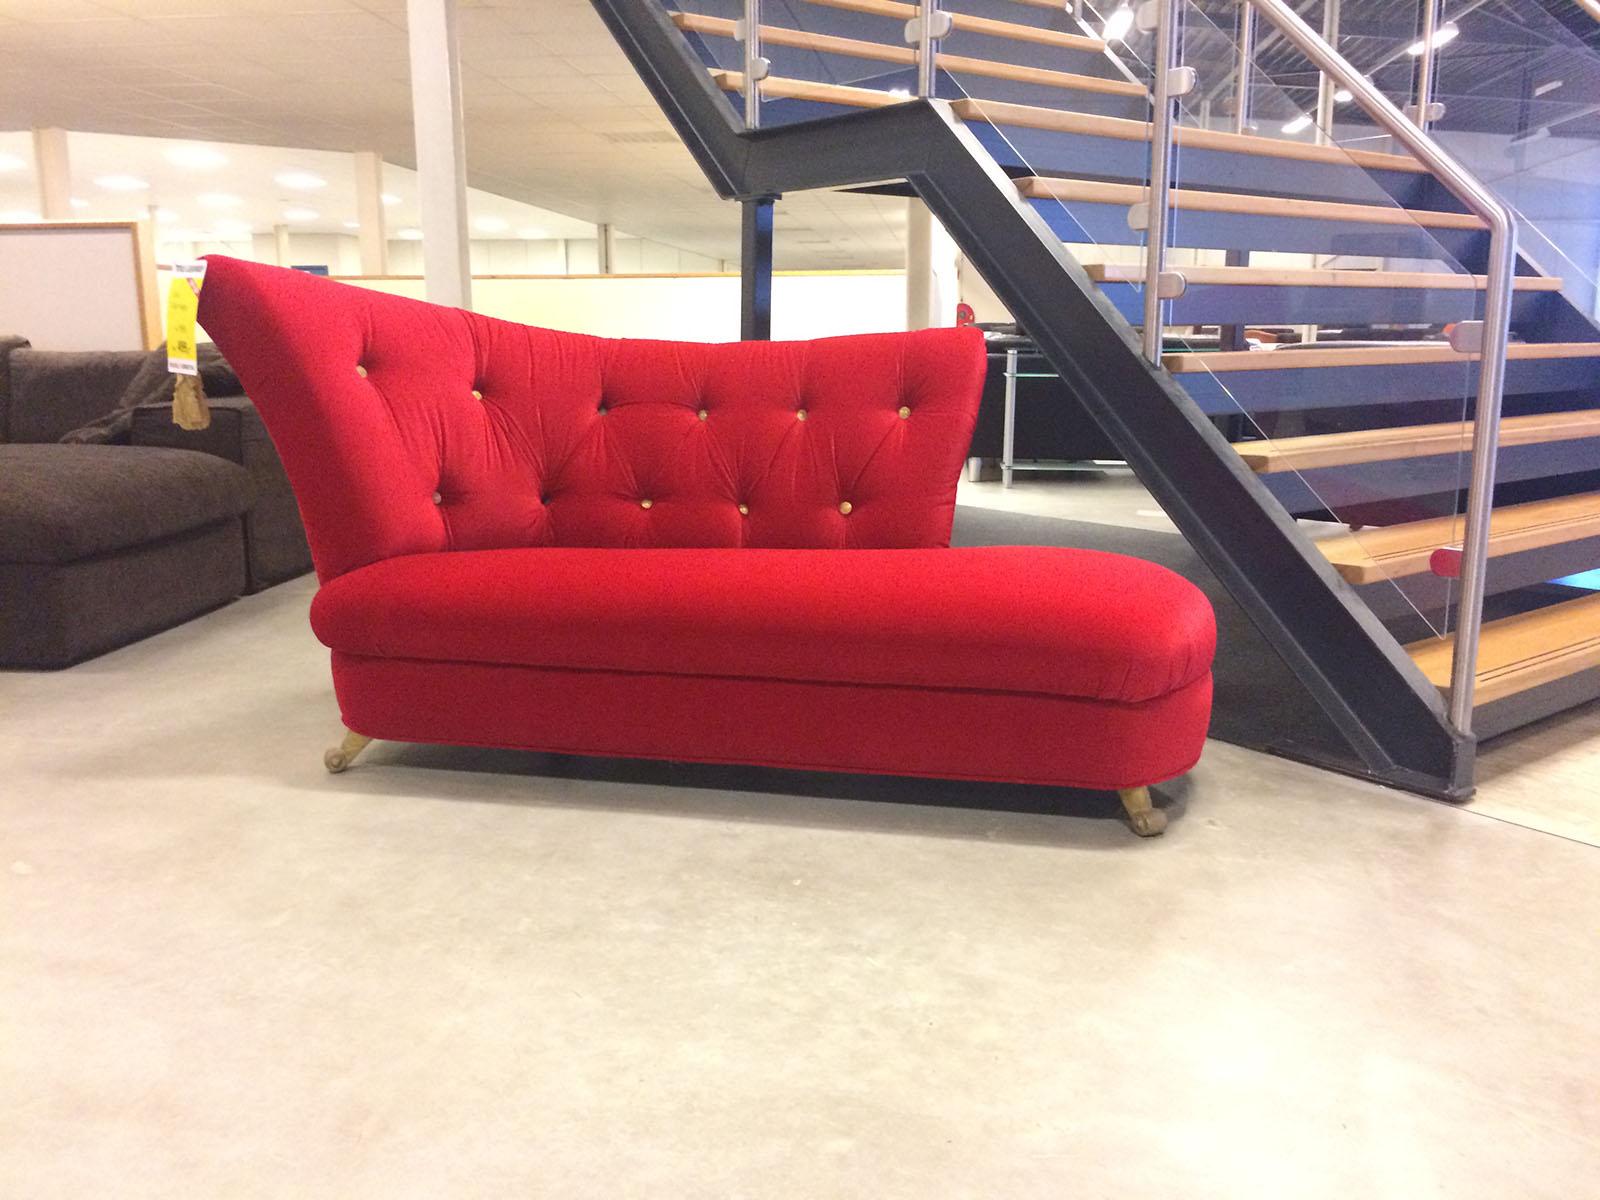 Sofa Color happy